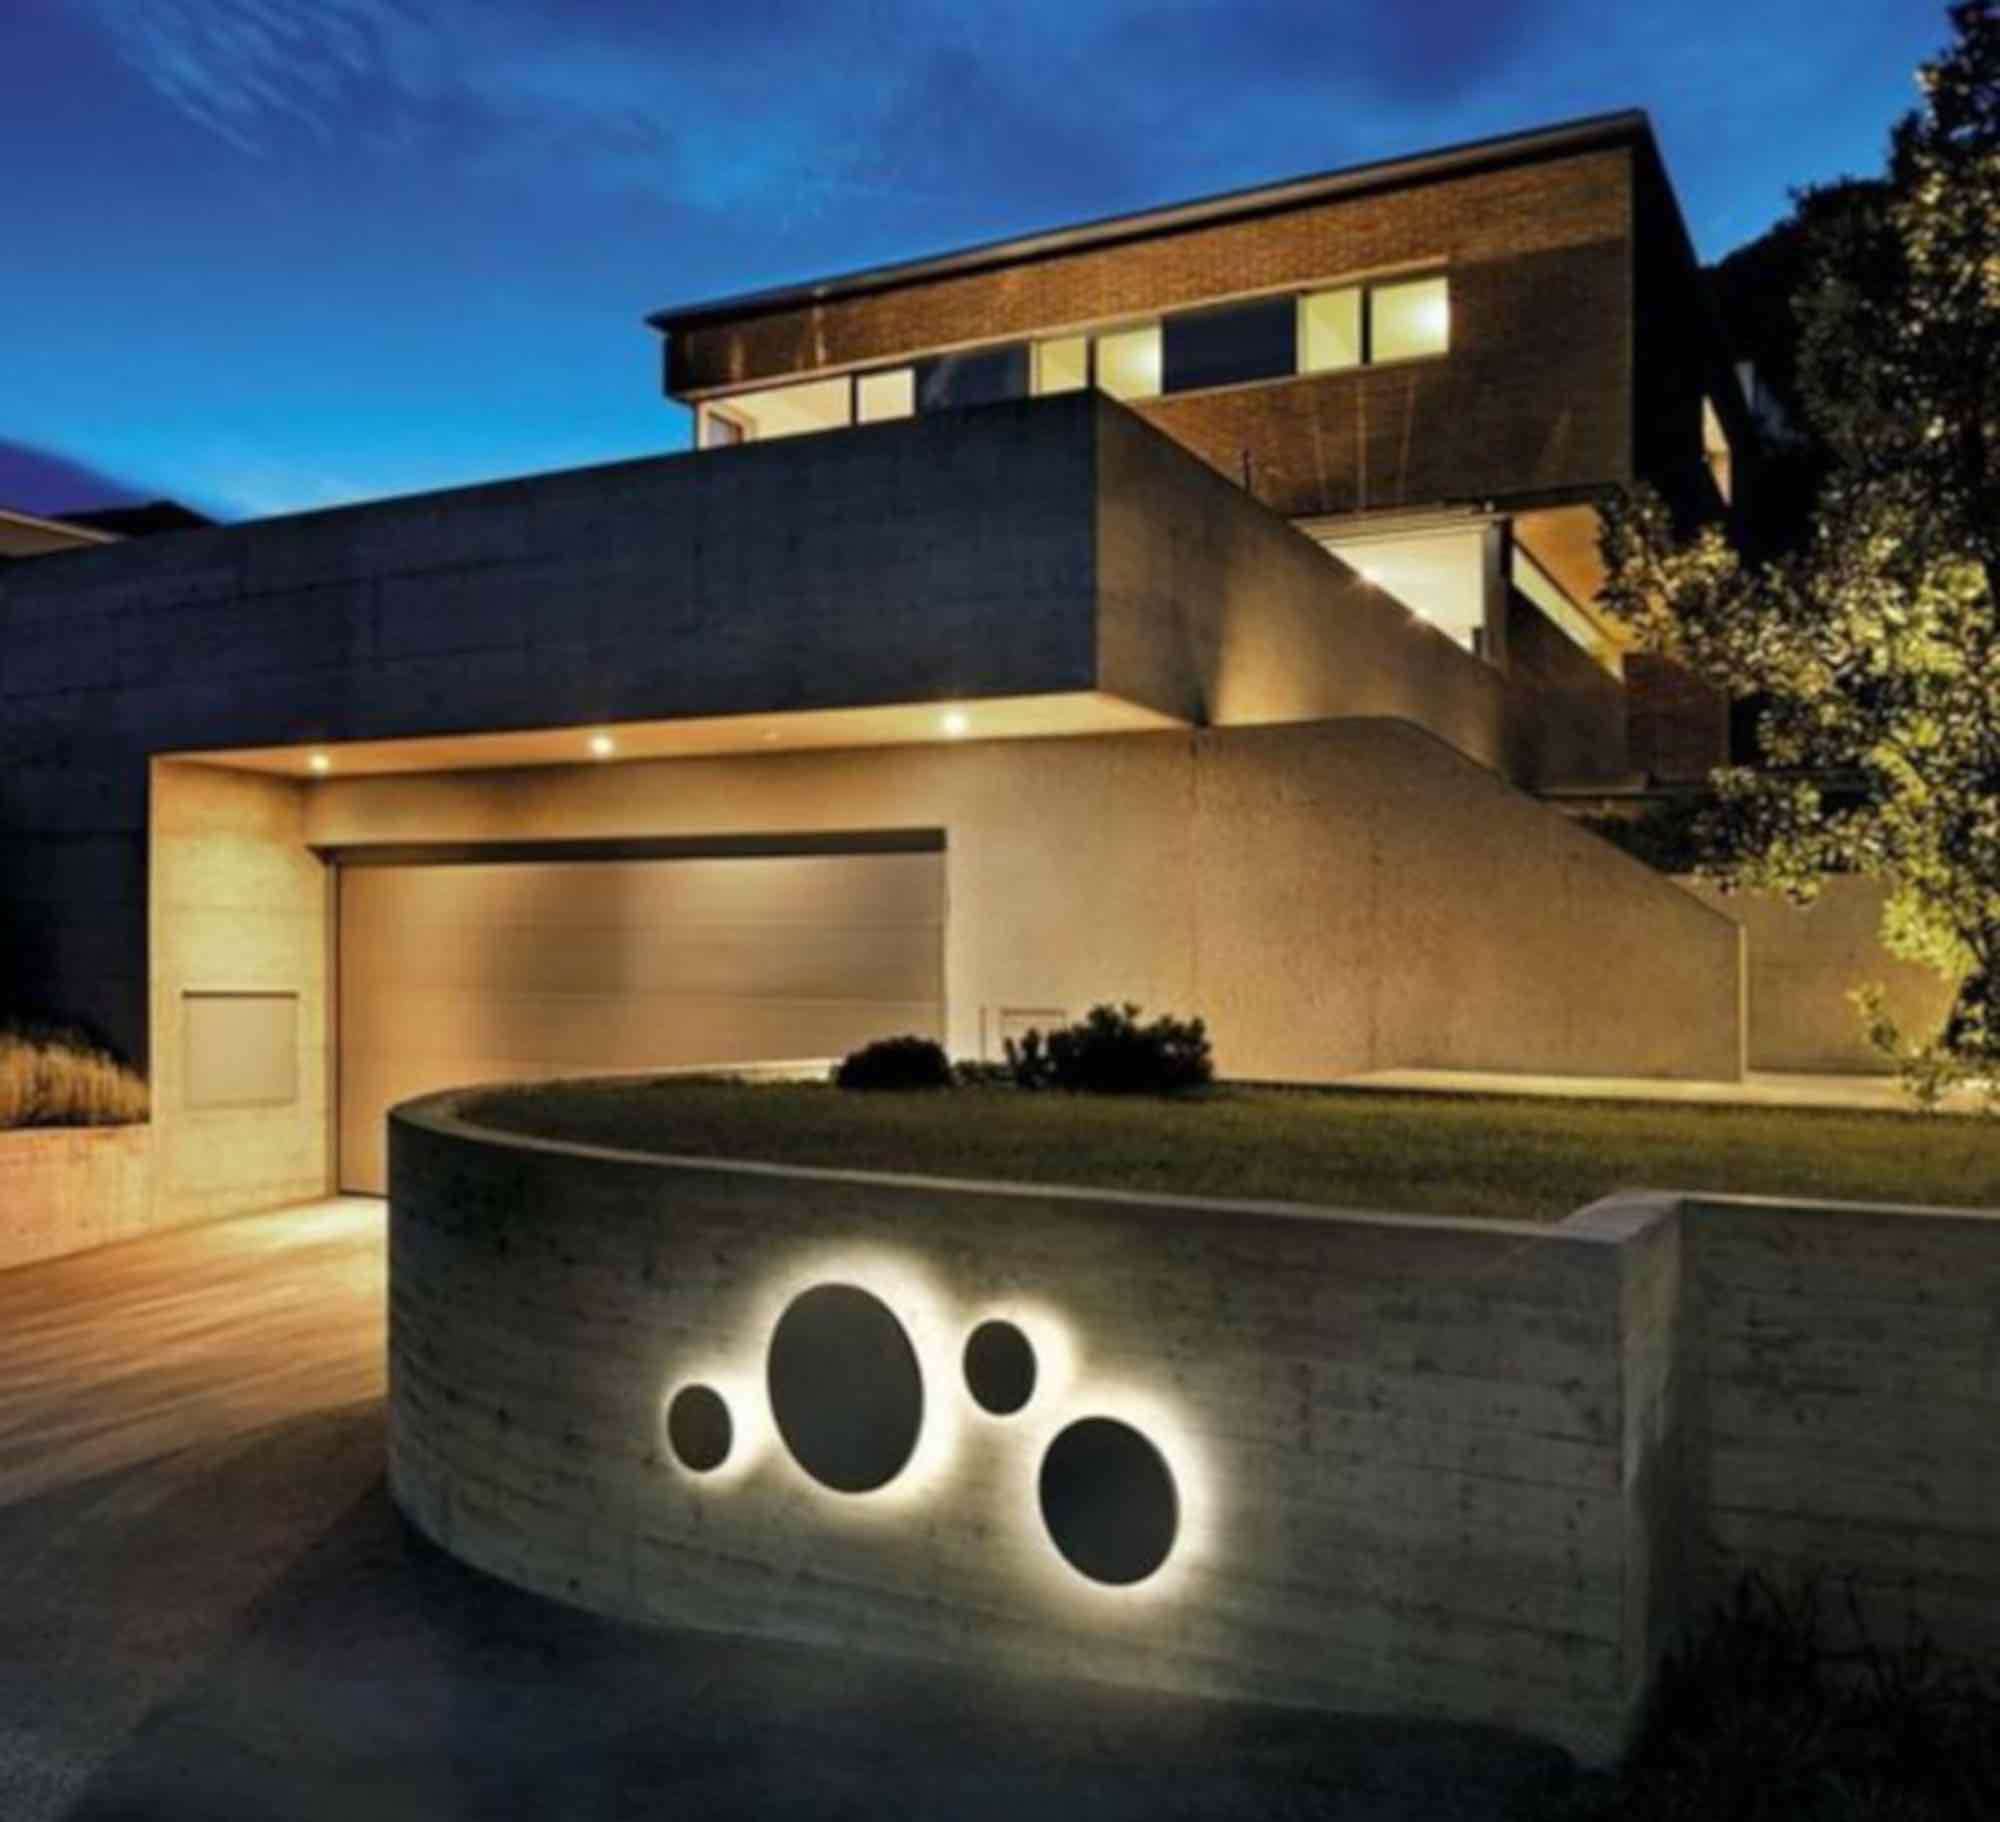 En cette période estivale, découvrez comment bien éclairer une façade extérieure !